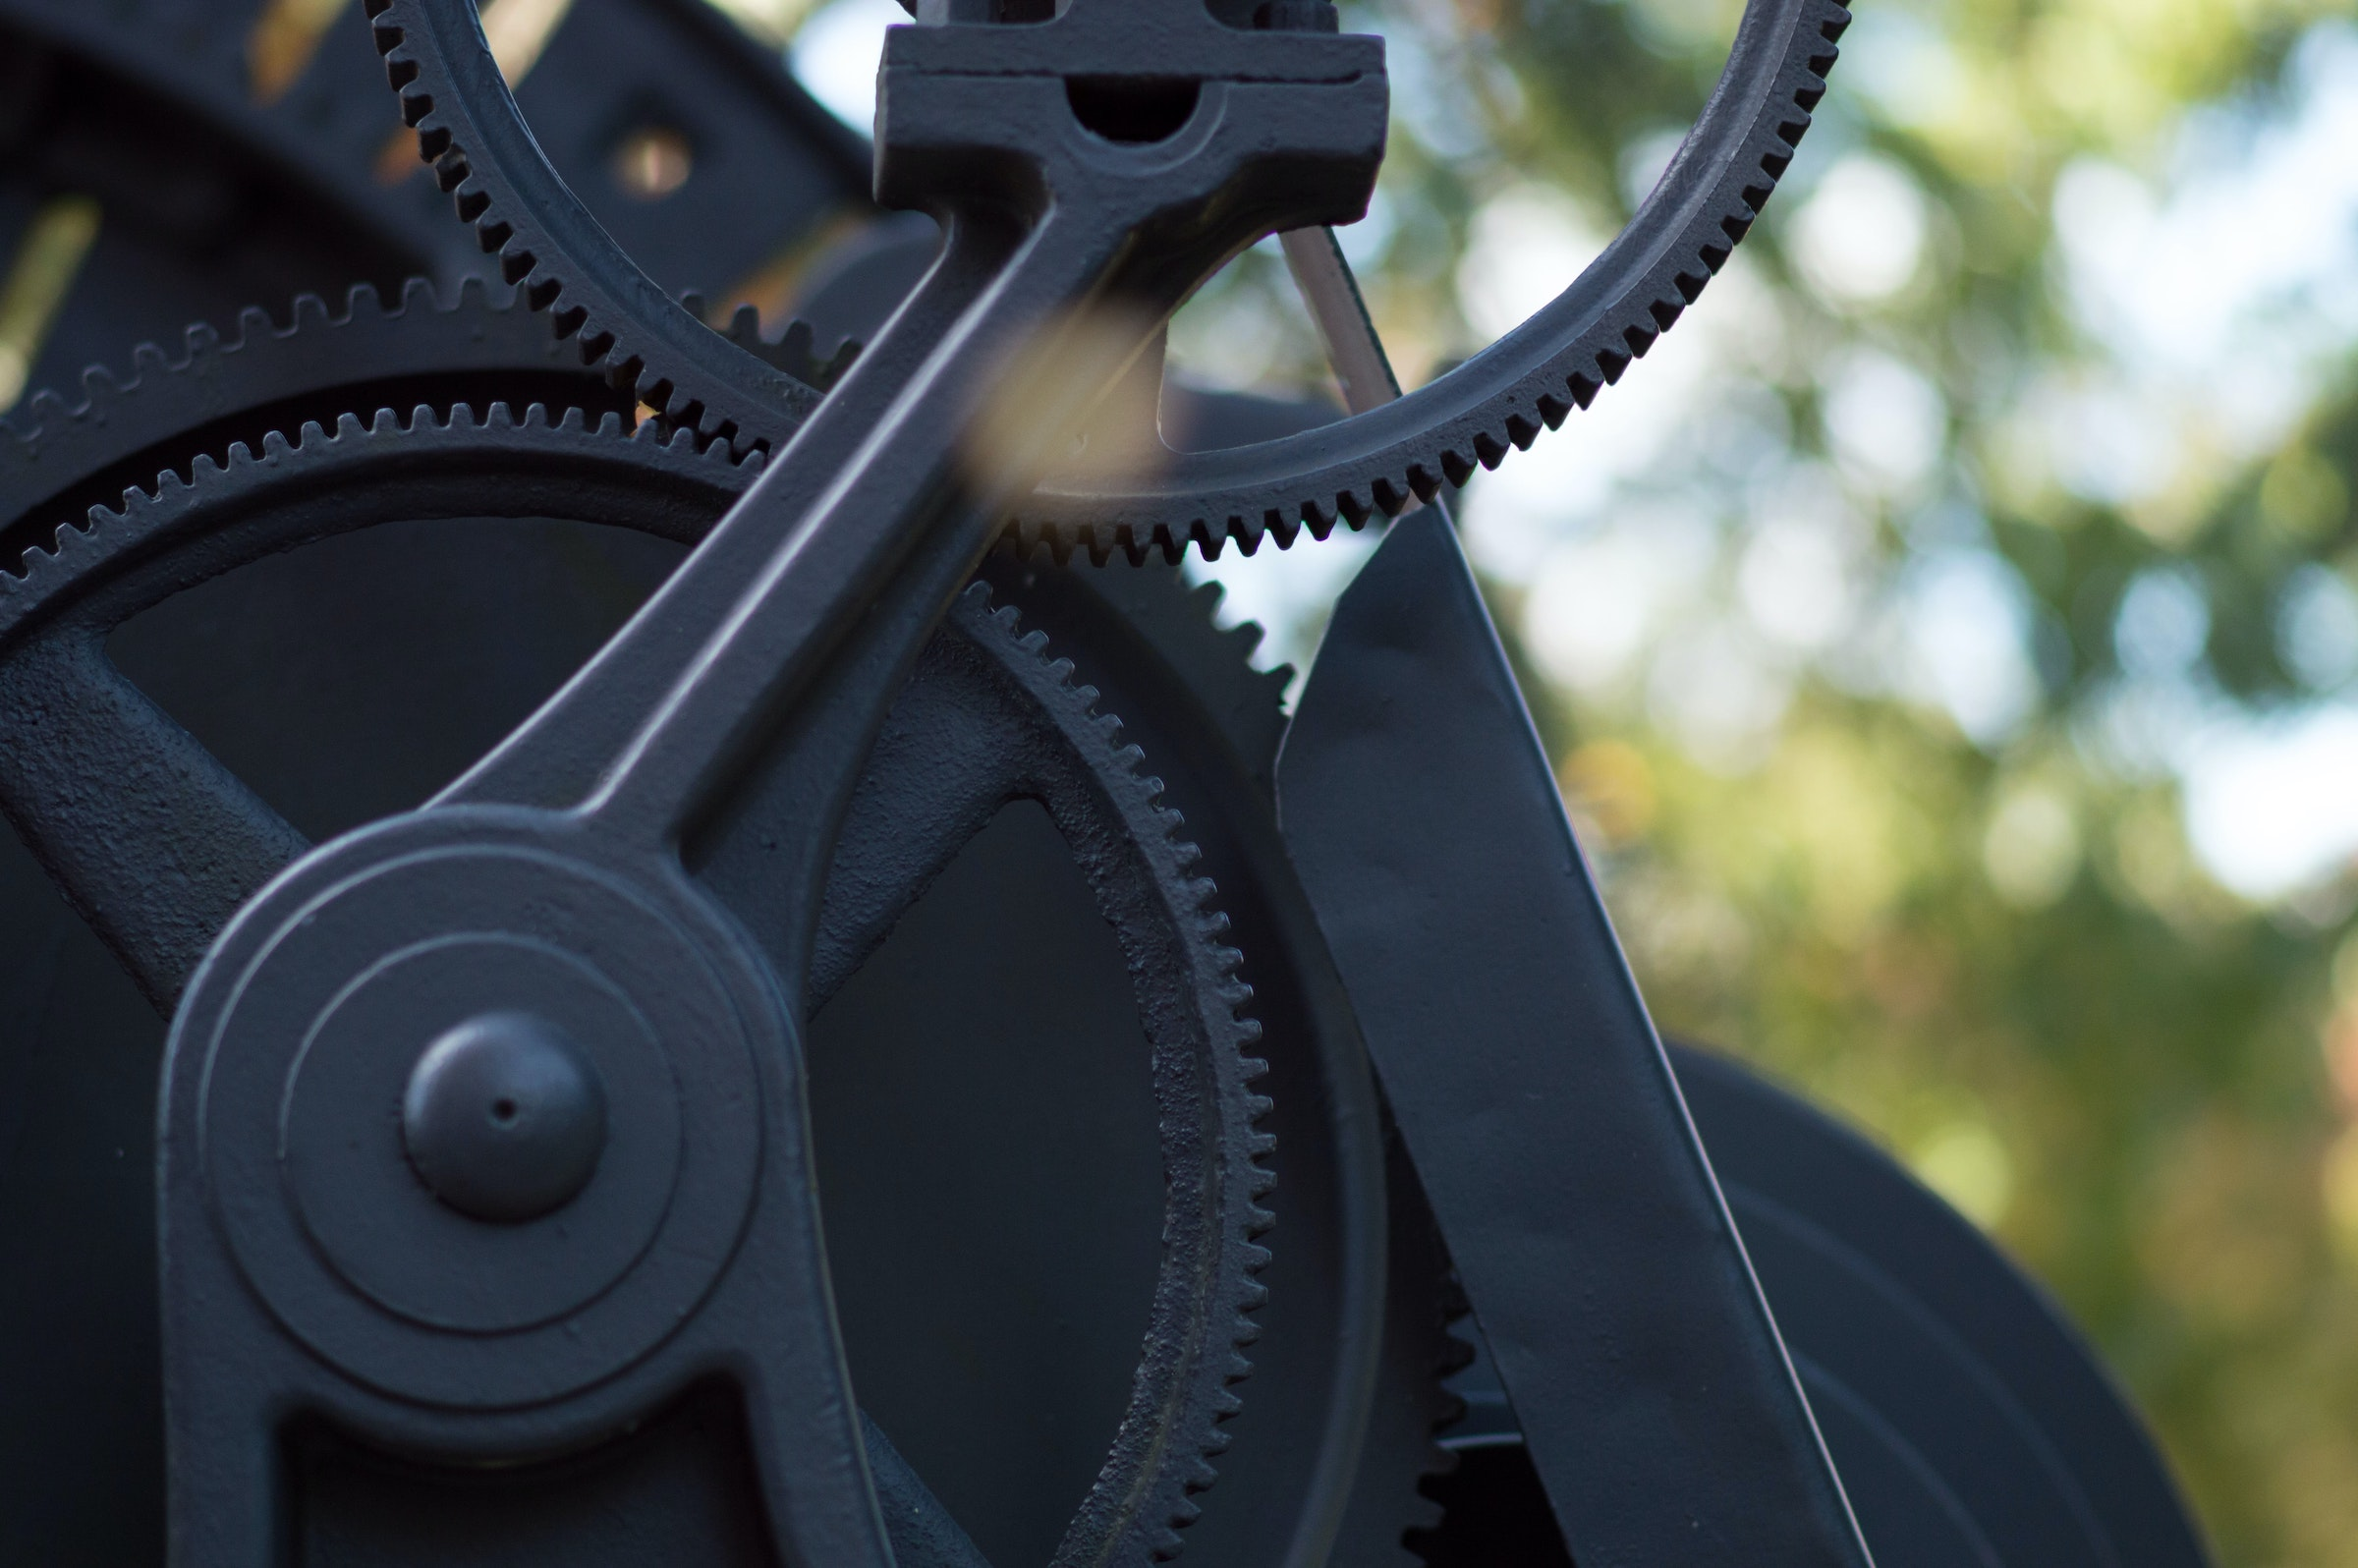 Sviluppo di nuovi prodotti mediante la progettazione e la realizzazione in Additive Manufacturing